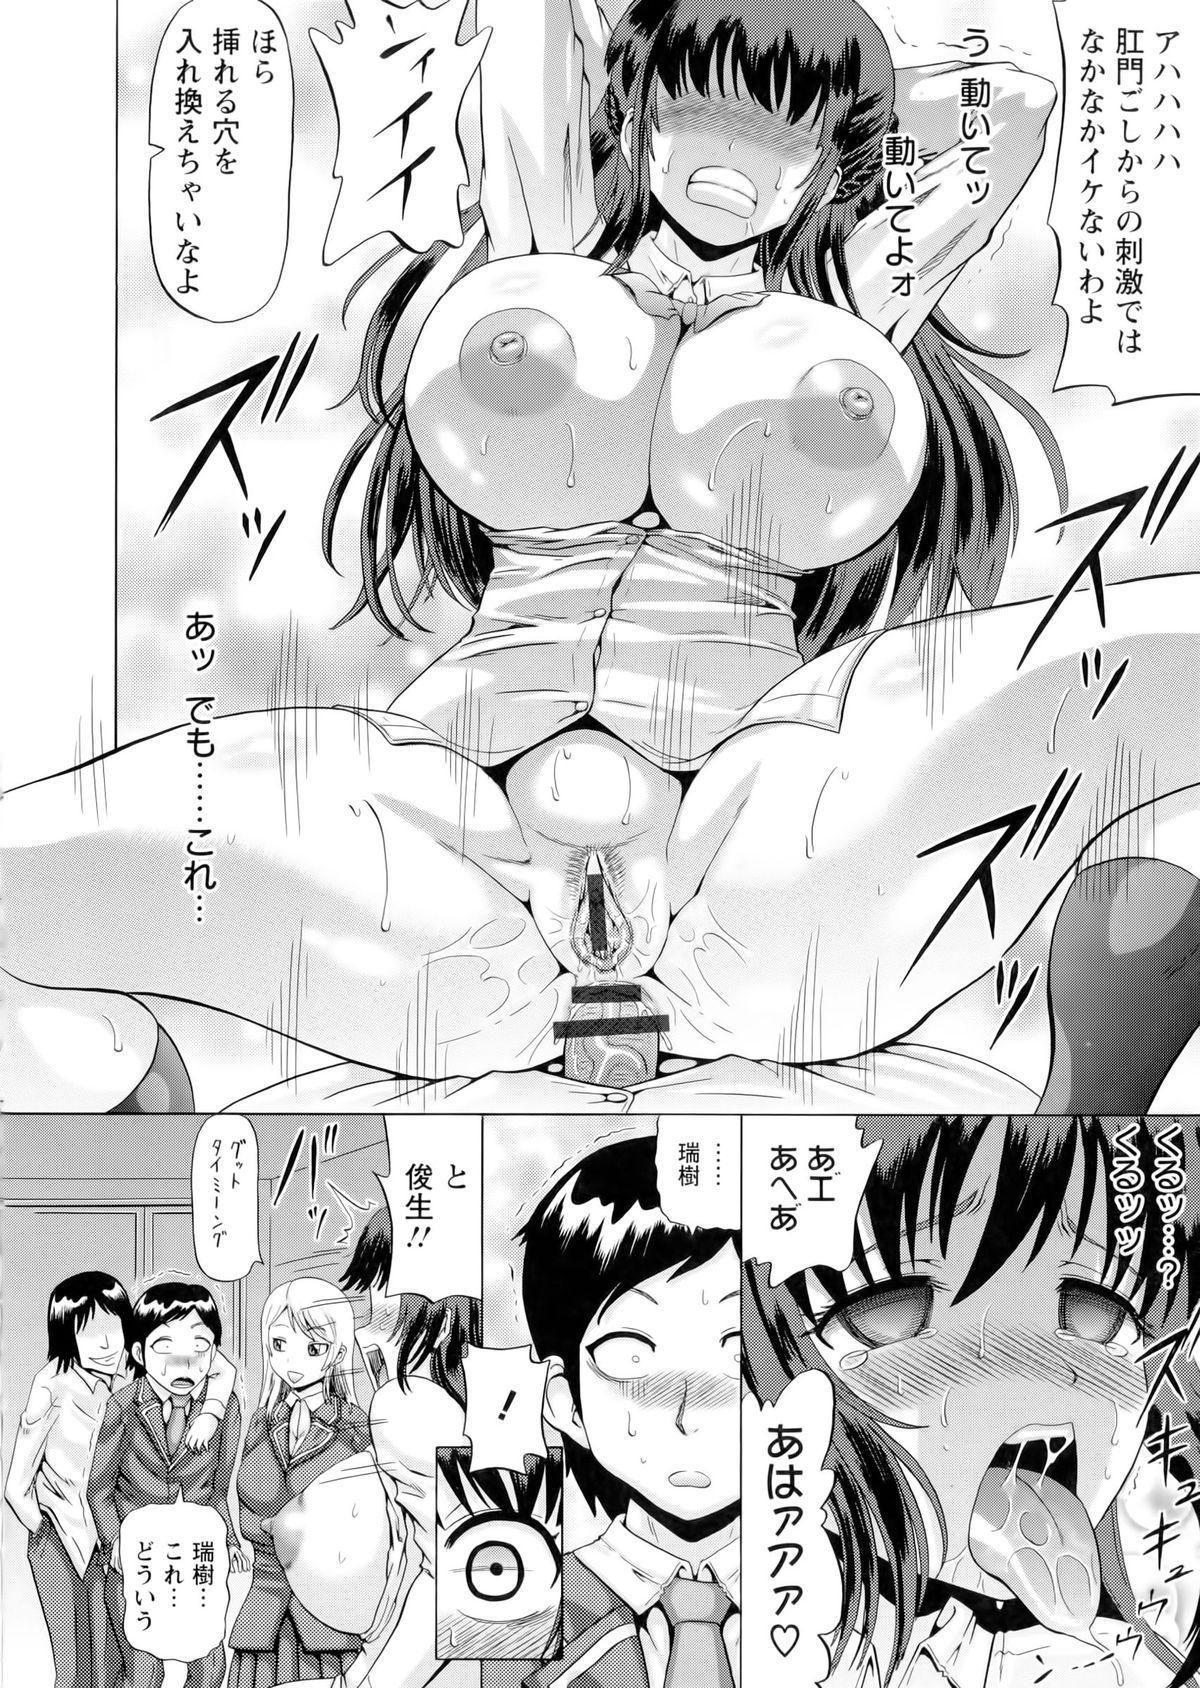 Hameana Jirashi Ketsu Naburi 119